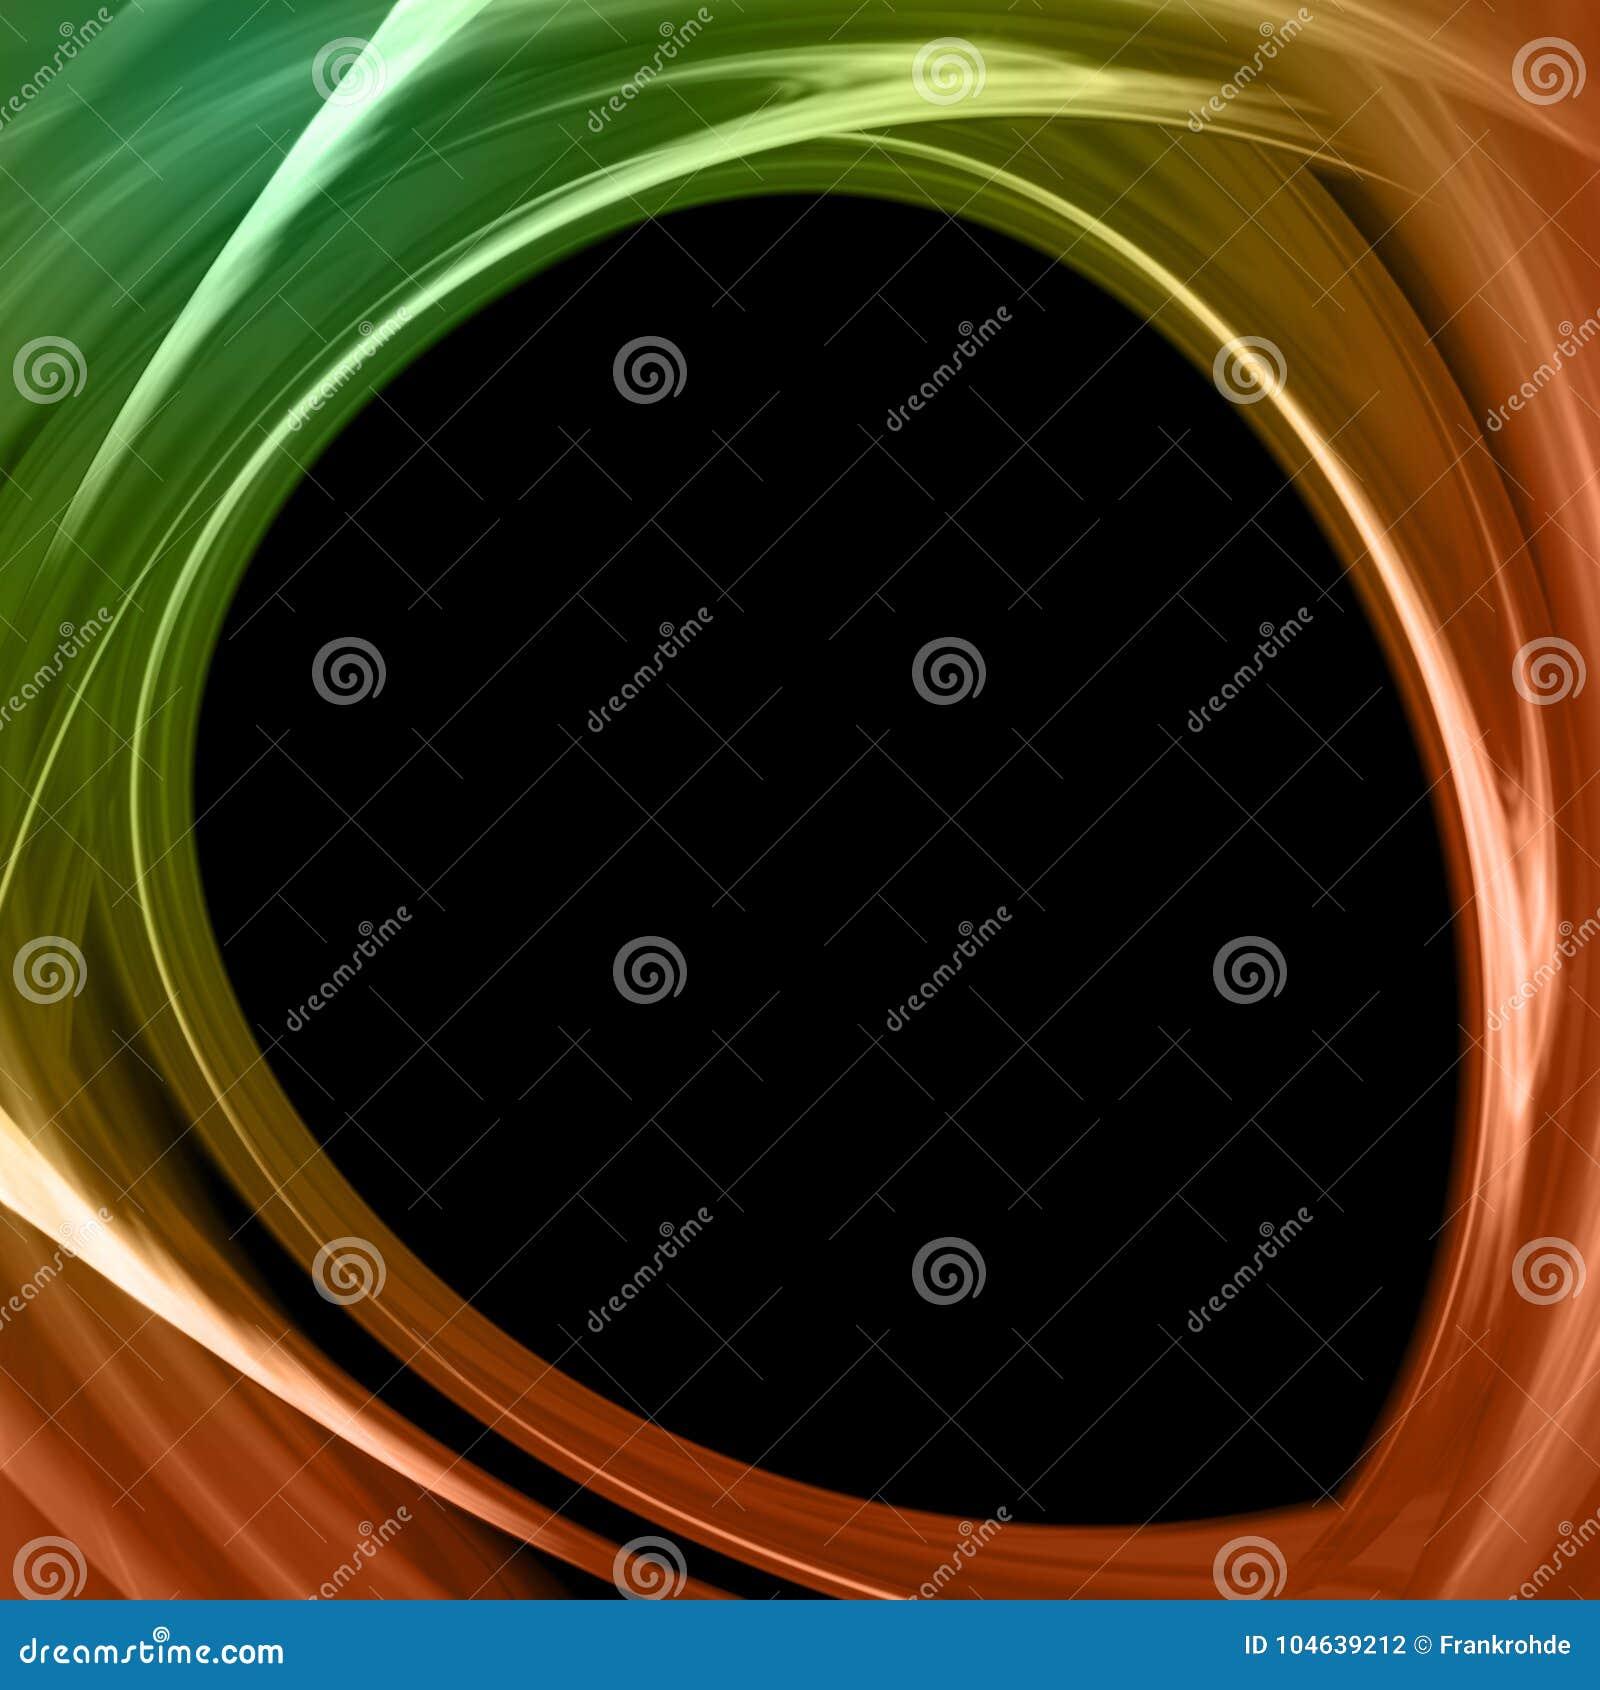 Download Abstract Elegant Ontwerp Als Achtergrond Stock Illustratie - Illustratie bestaande uit art, elegant: 104639212